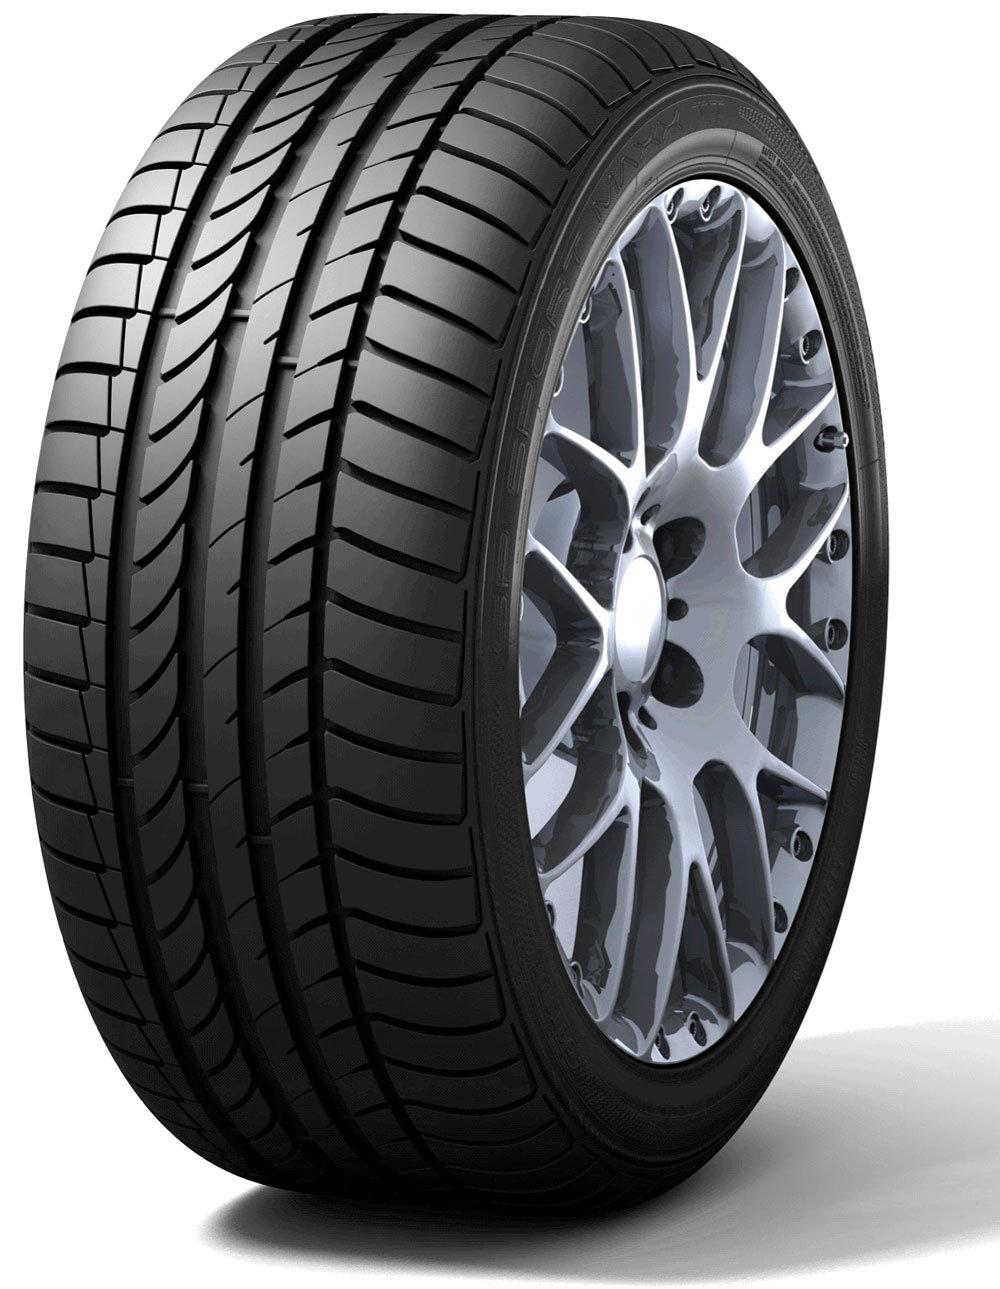 Neumático DUNLOP SPORTMAXX TT 245/40R18 97 Y